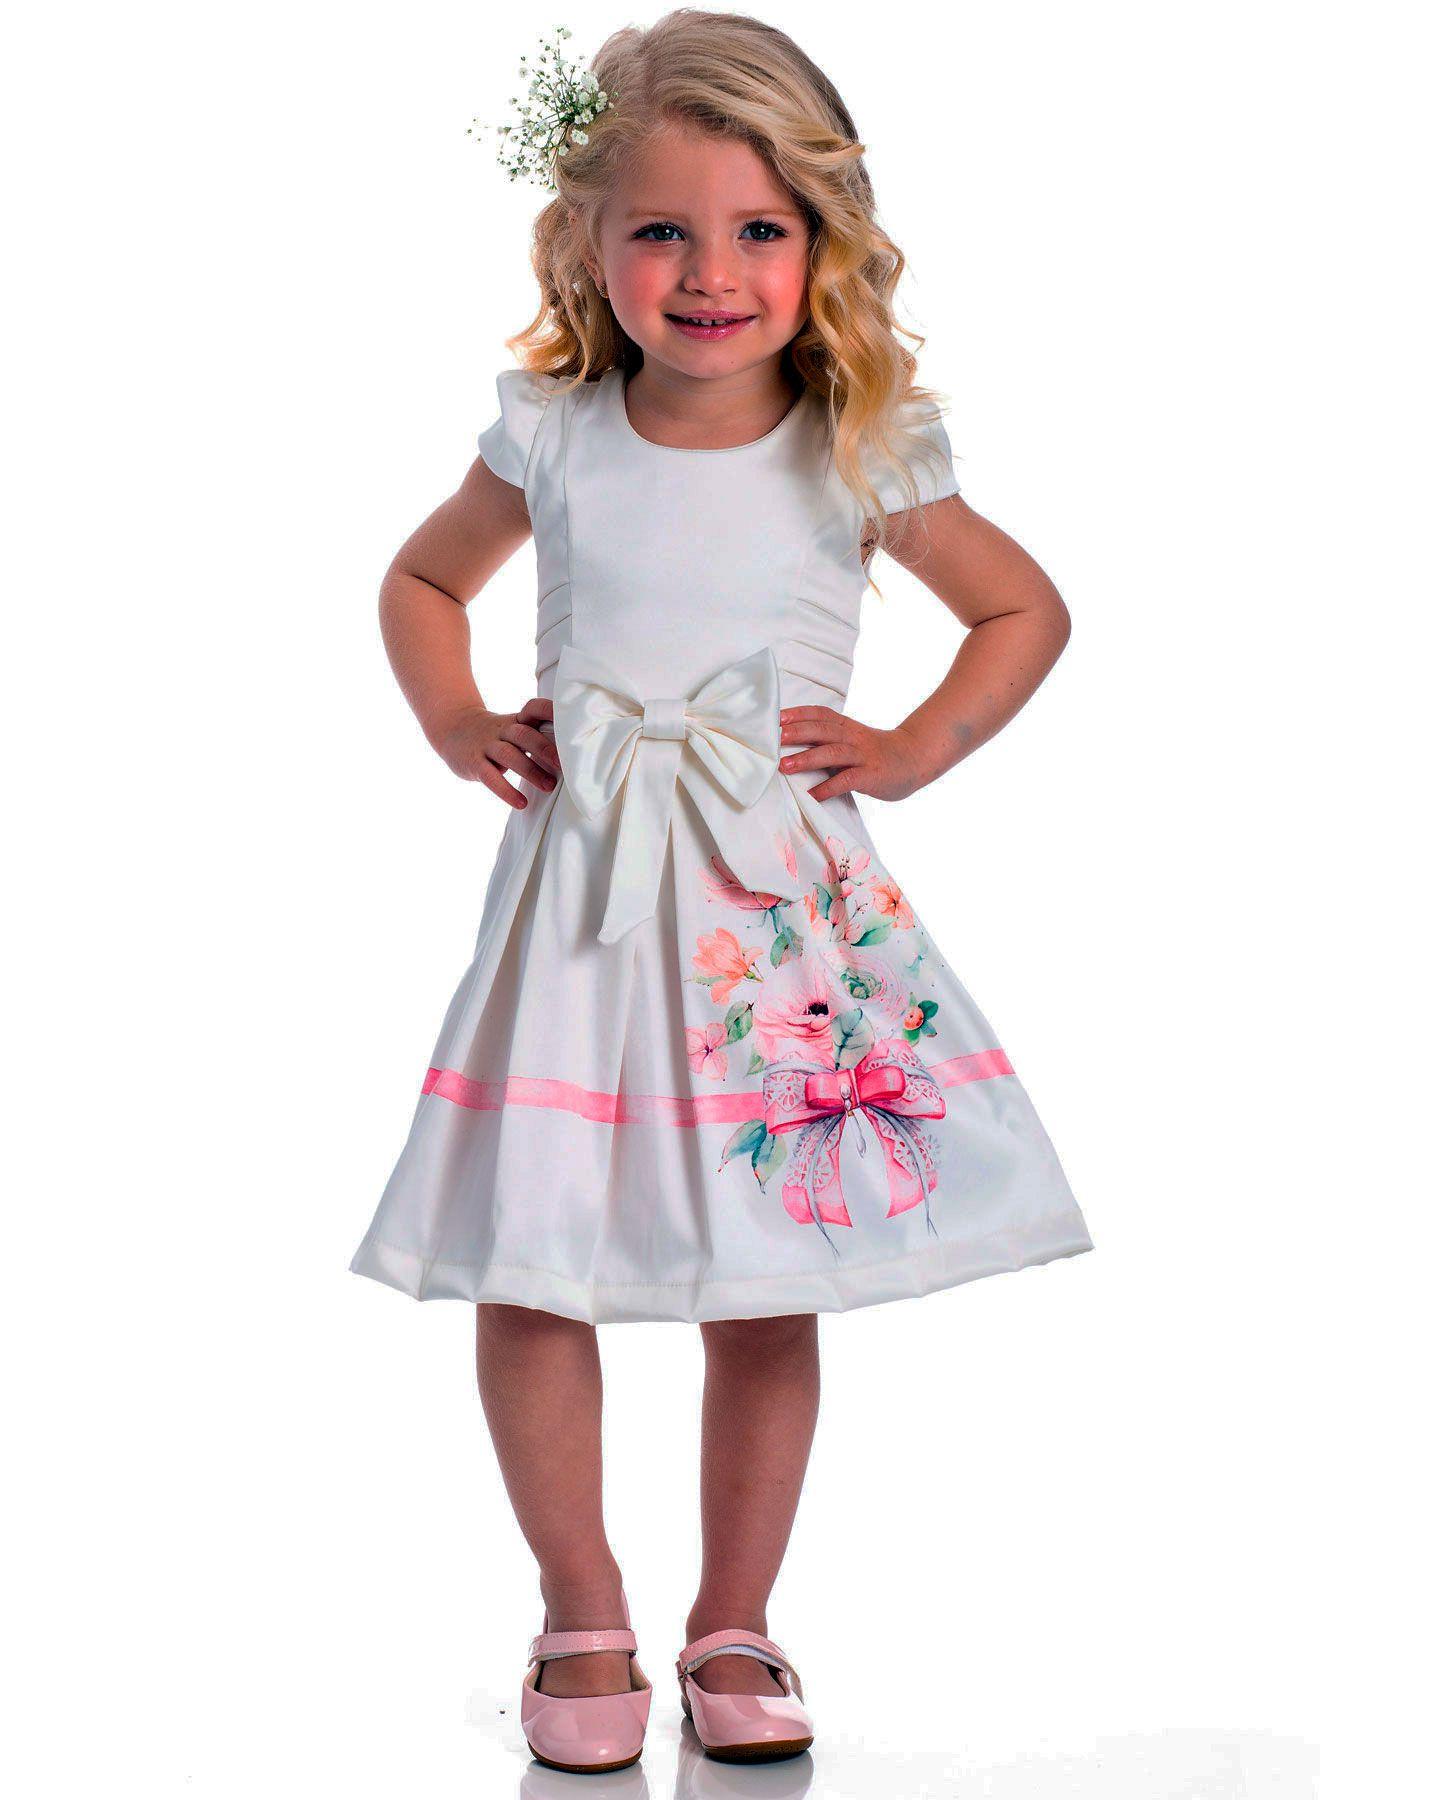 Vestido Festa Infantil Serelepe Delicato